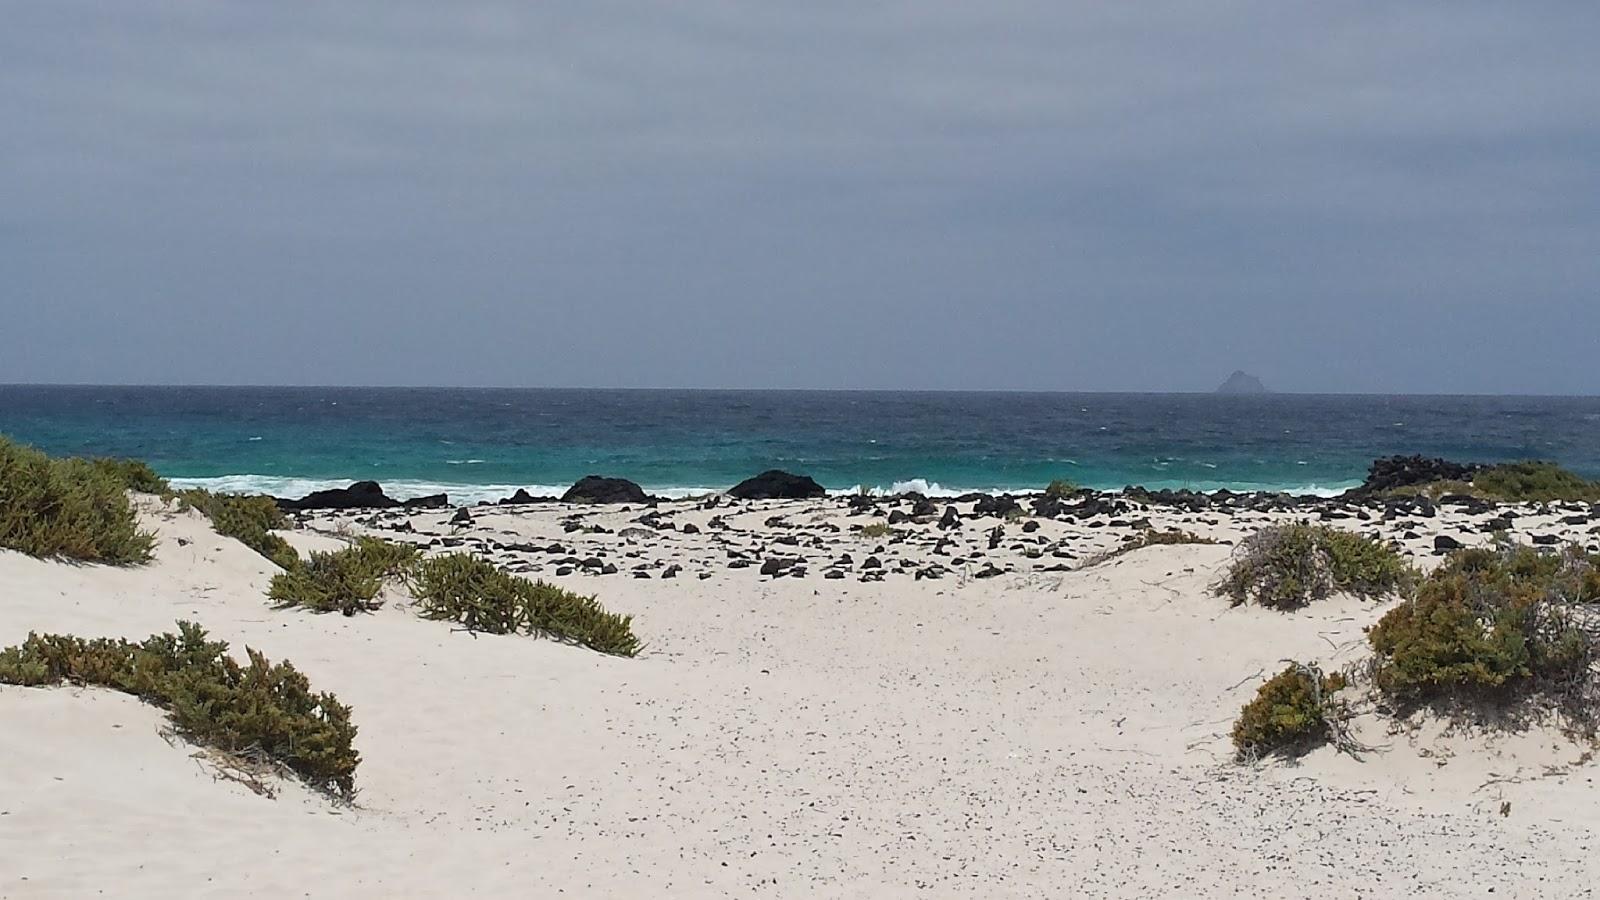 Lanzarote, plaża wydmowa, krajobraz Lanzarote, Wyspy Kanaryjskie, wycieczka na Lanzarote